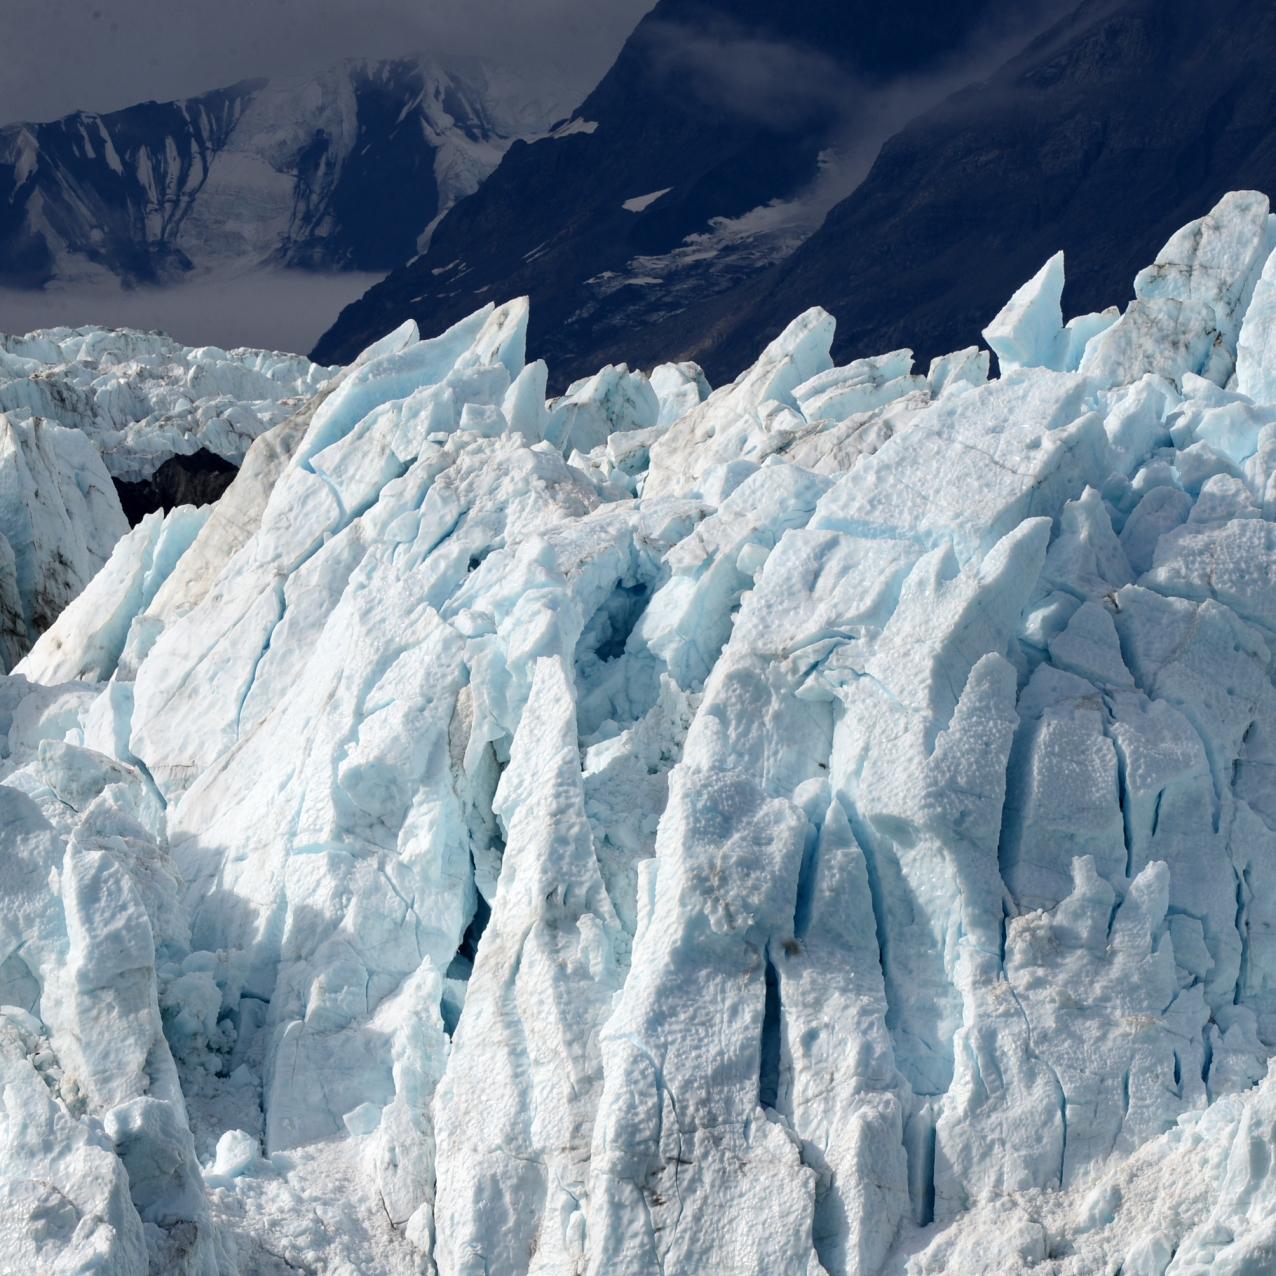 GlacierBay10